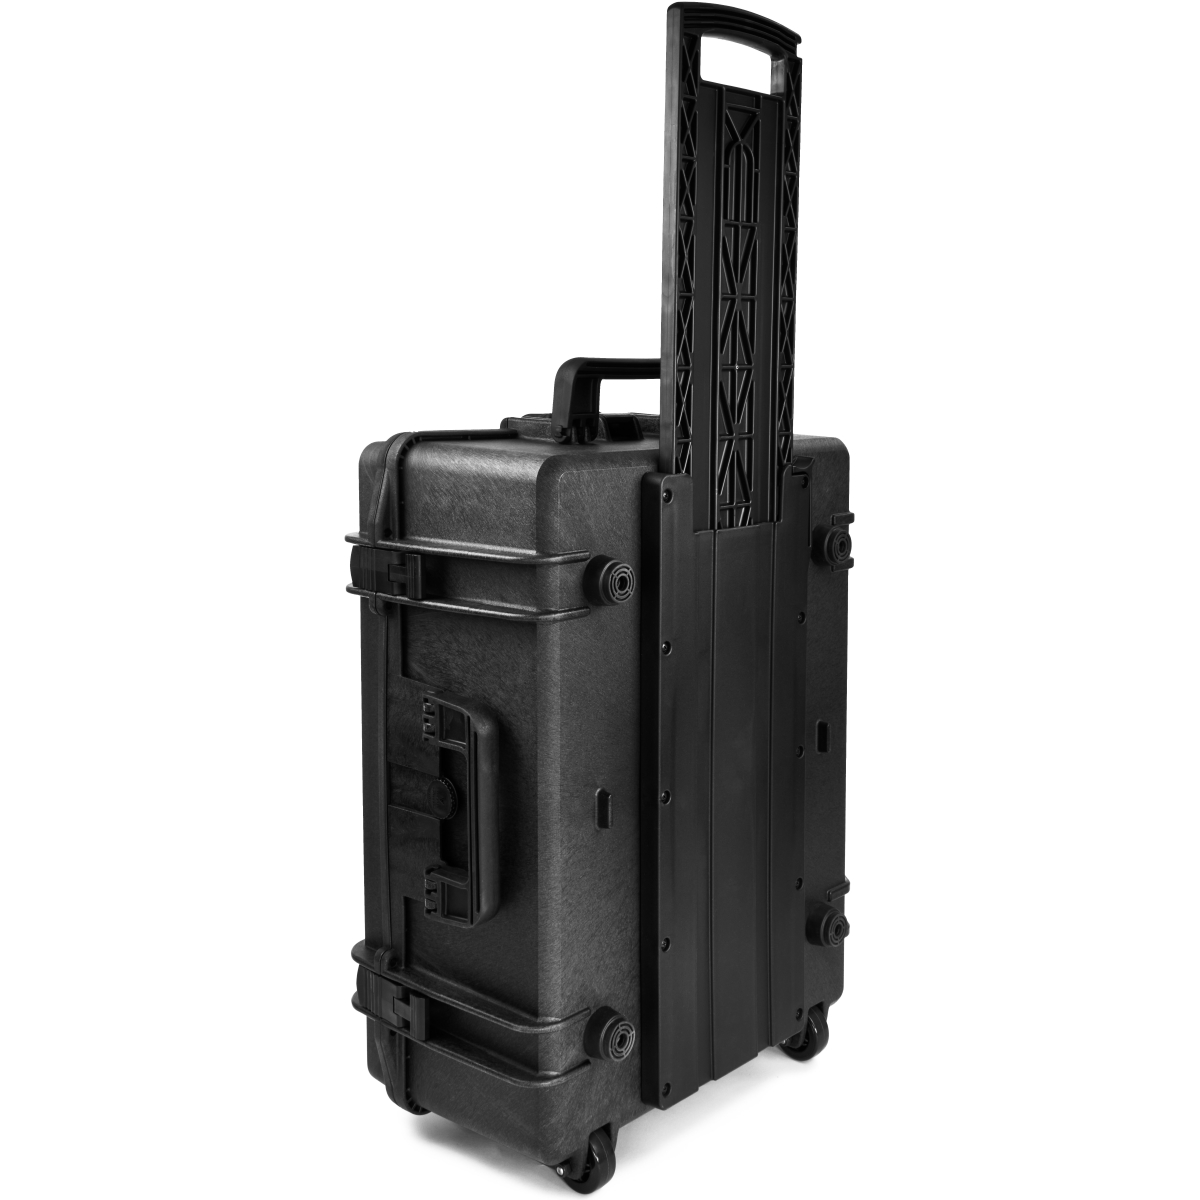 FLIGHT CASE PIONEER DJRC-V10 per MIXER DJM-V10